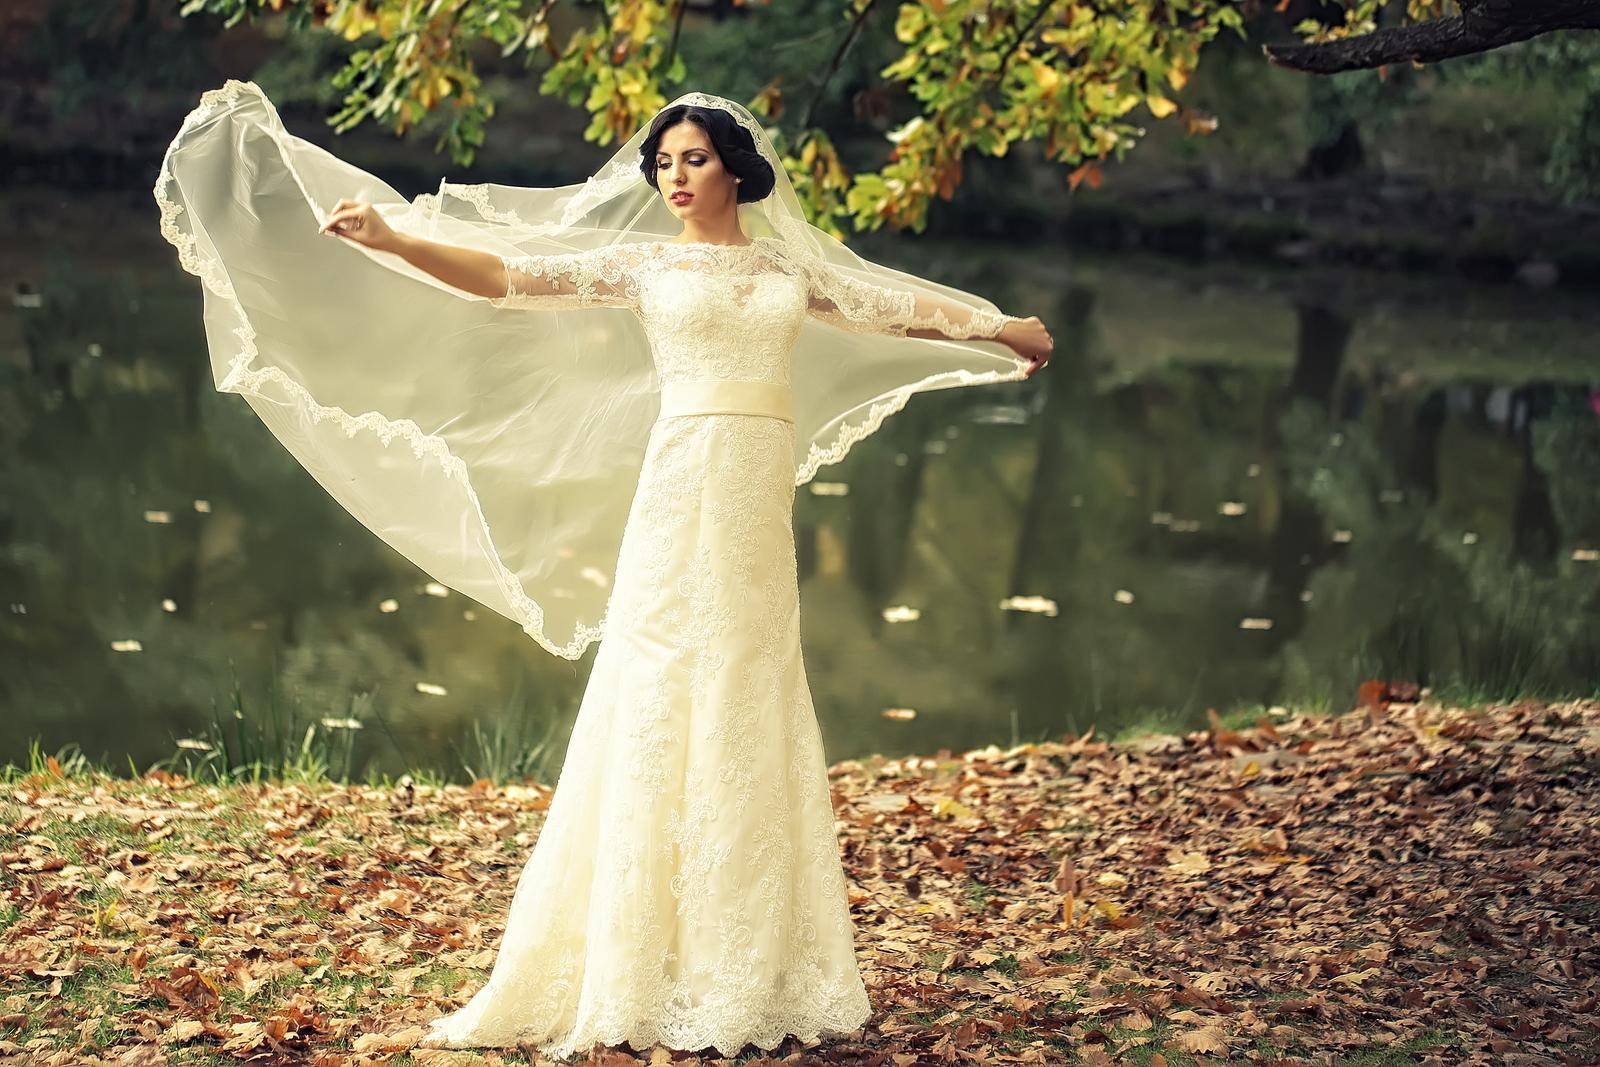 Brides Wear White Wedding Dress